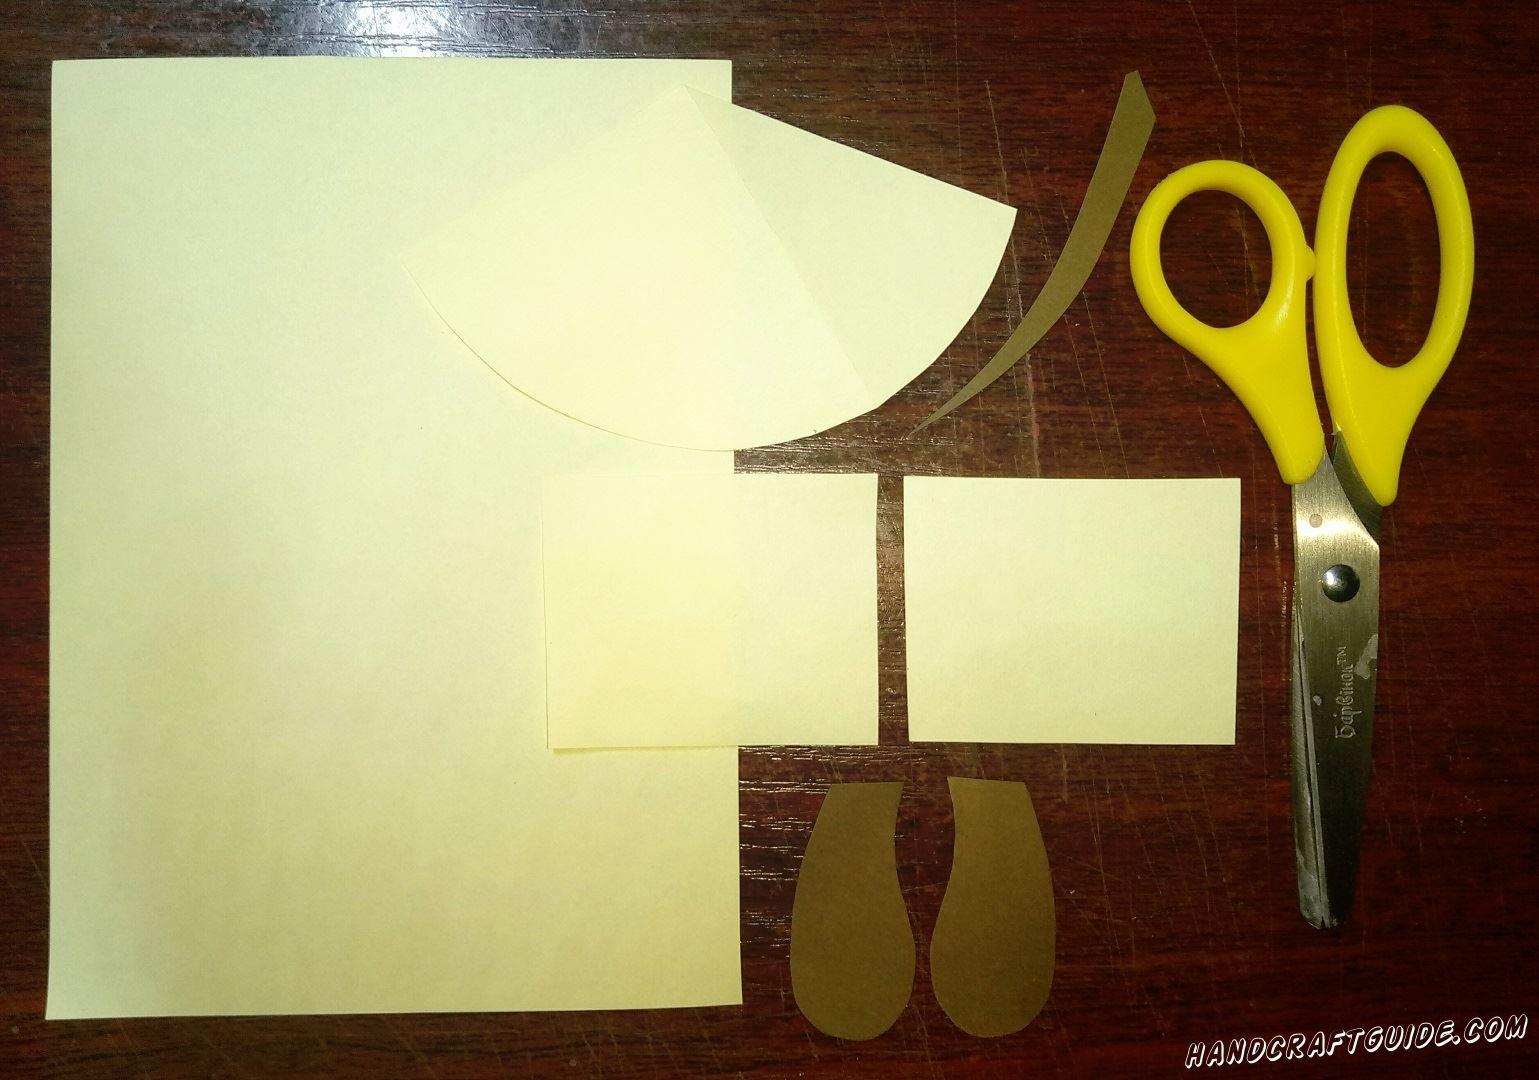 Из бумаги светло-жёлтого цвета мы вырезаем два одинаковых прямоугольника и треугольник с закругленной широкой стороной. Теперь берем коричневую бумагу и вырезаем два ушка и хвостик.